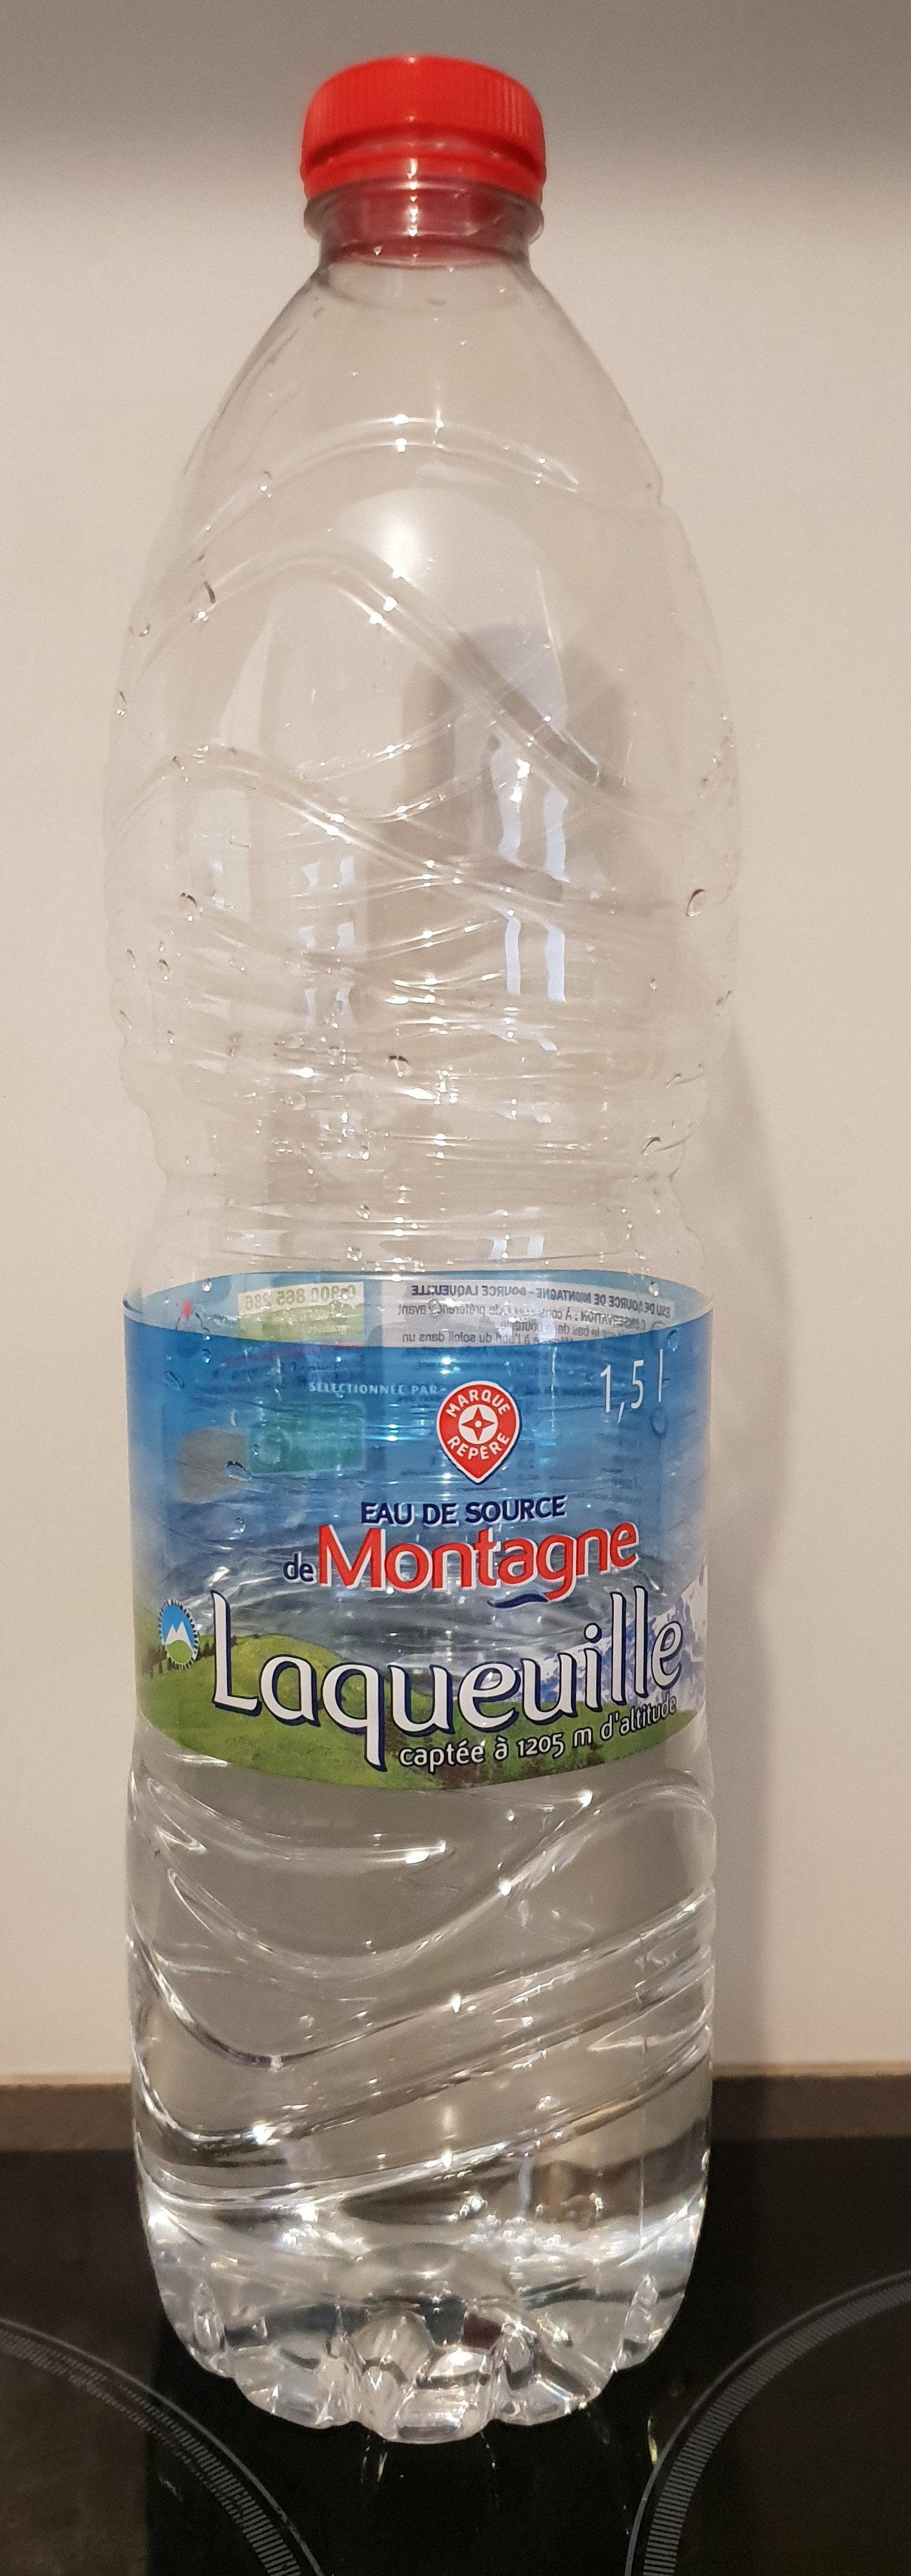 Eau de source de montagne Laqueuille - Produit - fr